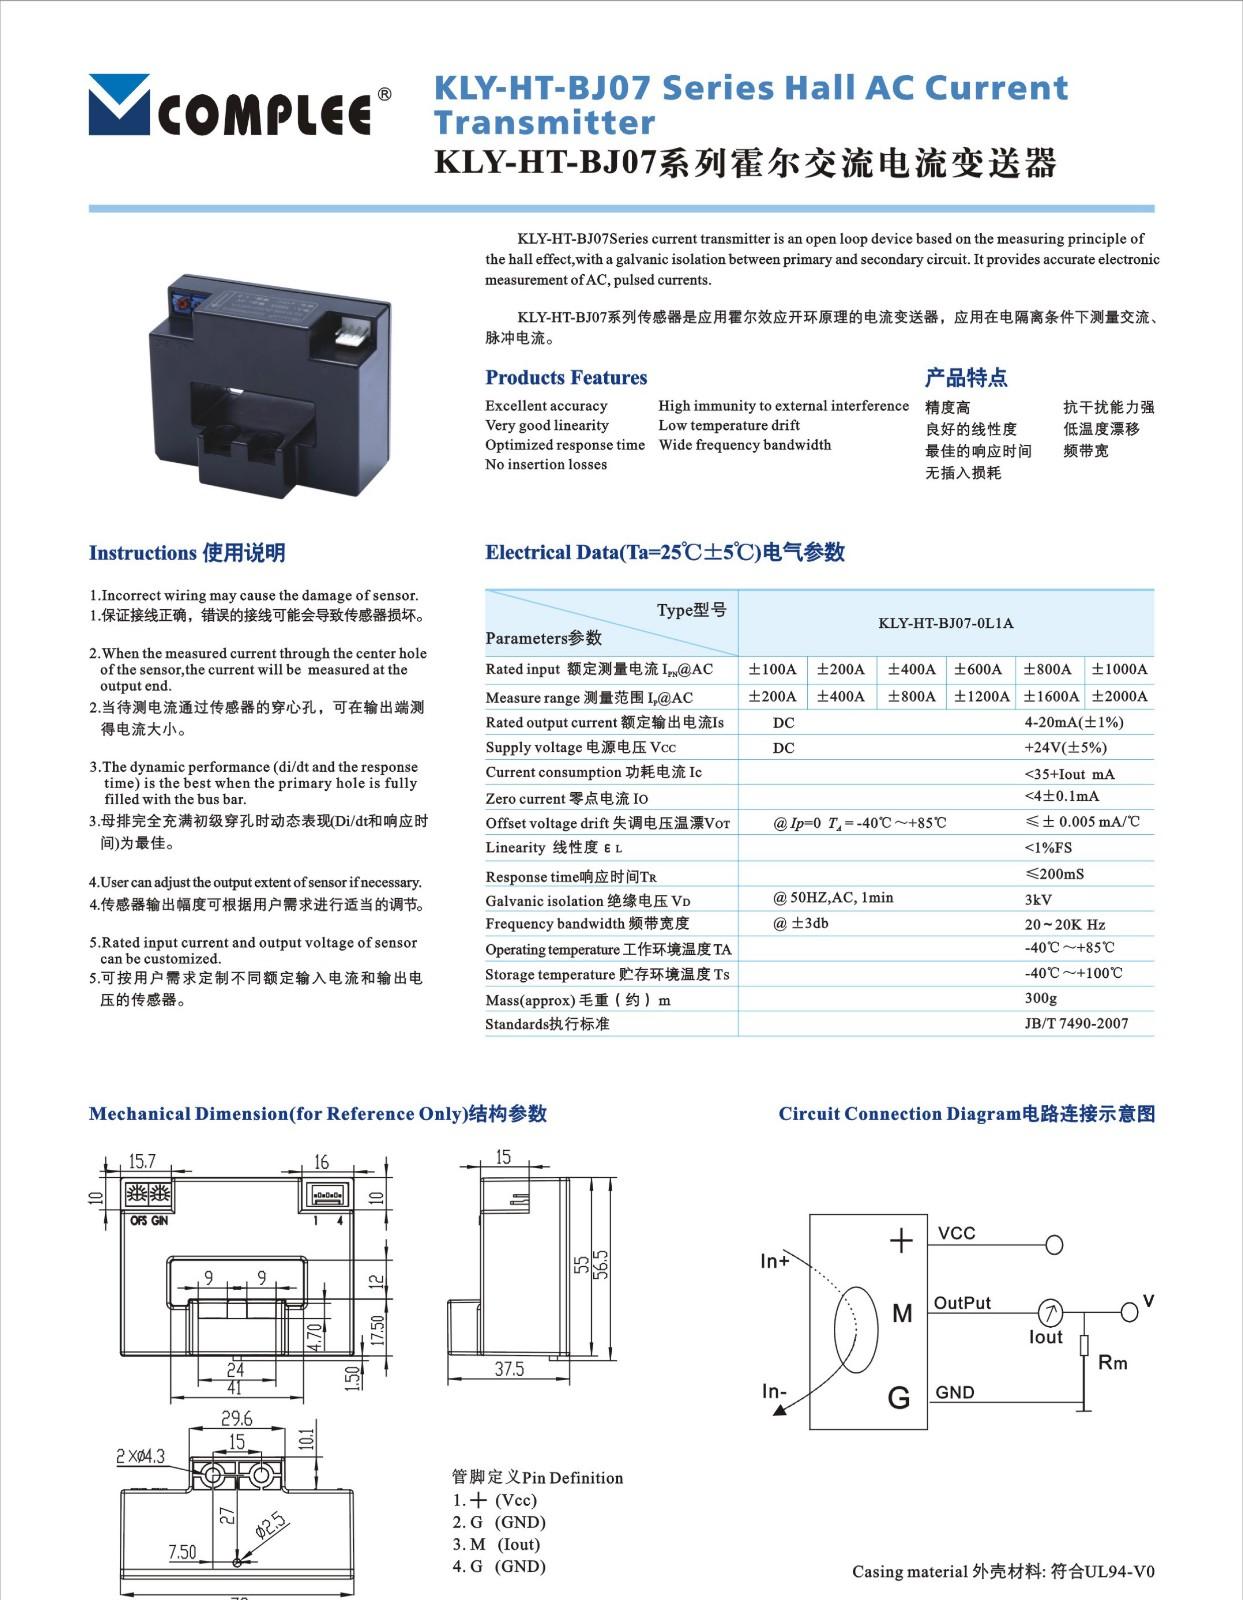 201710霍尔传感器样本-40 正本.JPG